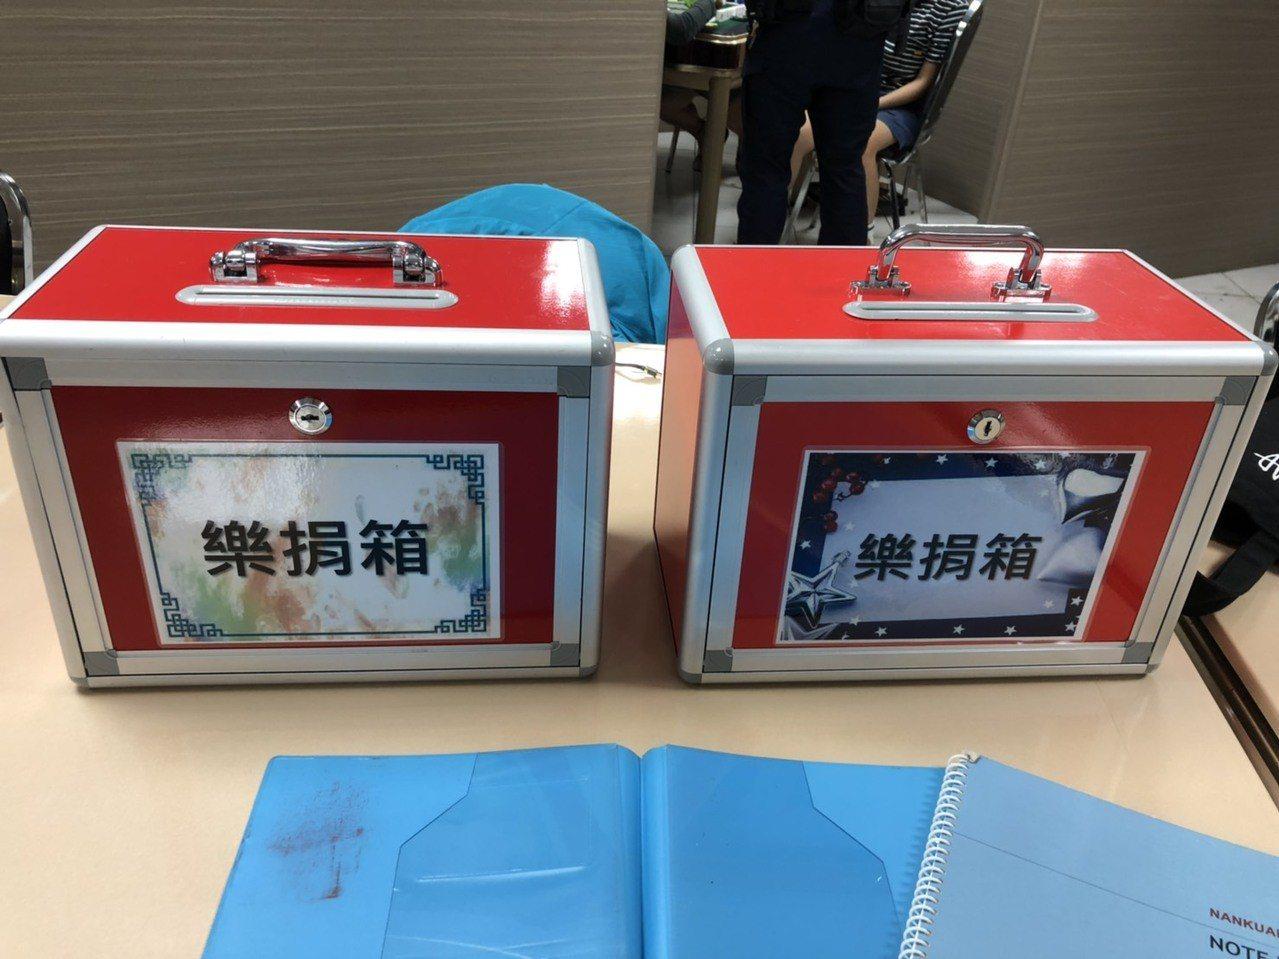 棋牌社以「推廣國粹,人人有牌打」的口號為幌,設「樂捐箱」逐桌募捐,其實就是巡收賭...